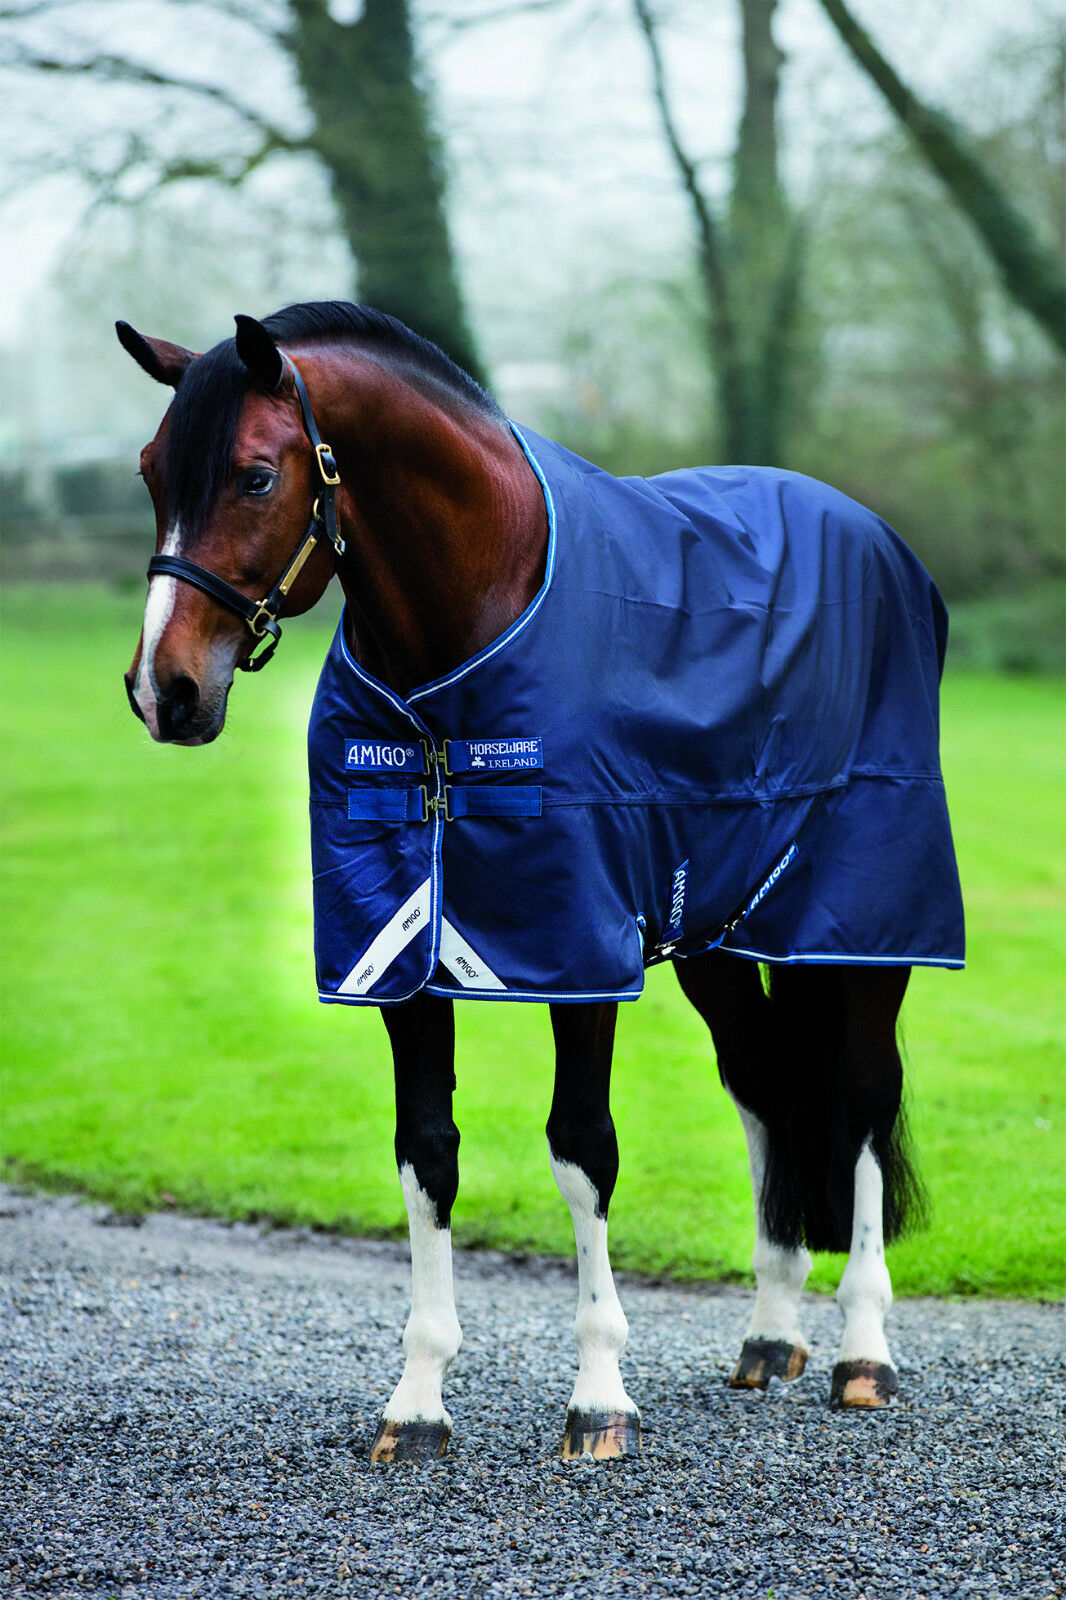 Horseware Amigo Bravo 1200D  Gr 140  (100g (100g (100g Füllung )NEUES MODELL 6a5328